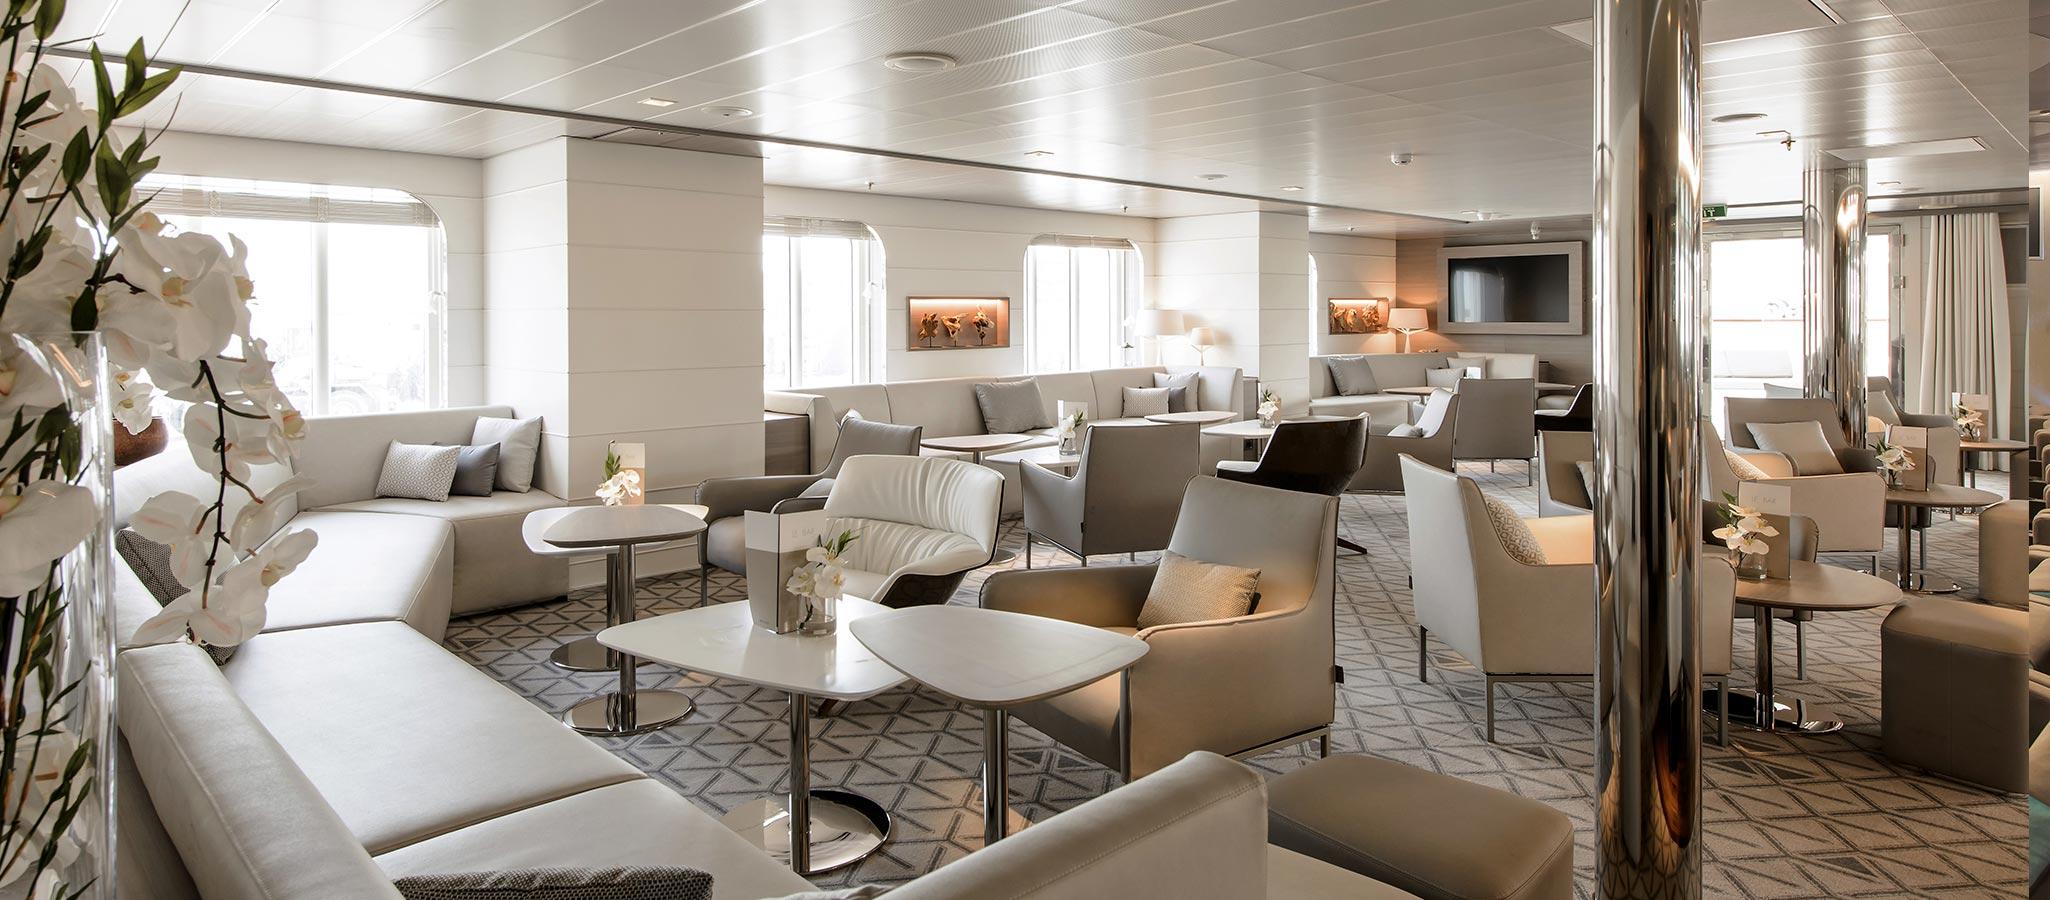 Die edlen Lounges an Bord dienen für Break-Out-Sessions und Meetings im kleinen Rahmen.